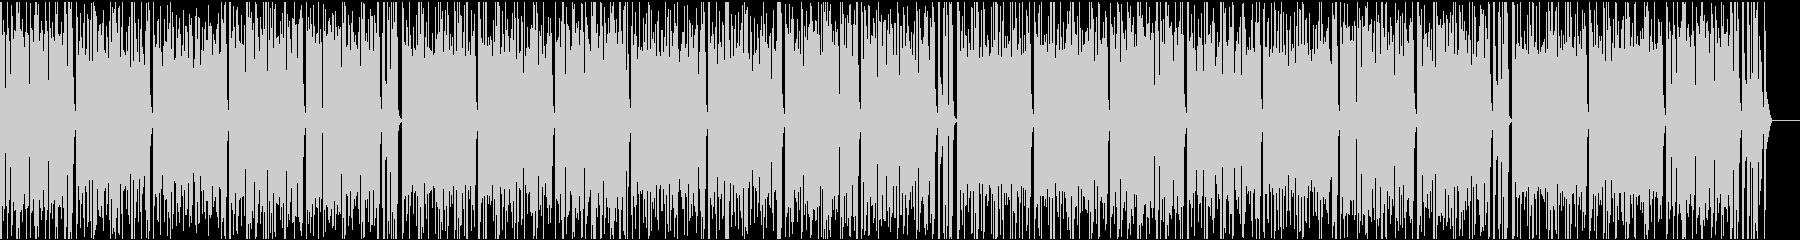 おしゃれイケイケ/カラオケ/イントロ9秒の未再生の波形